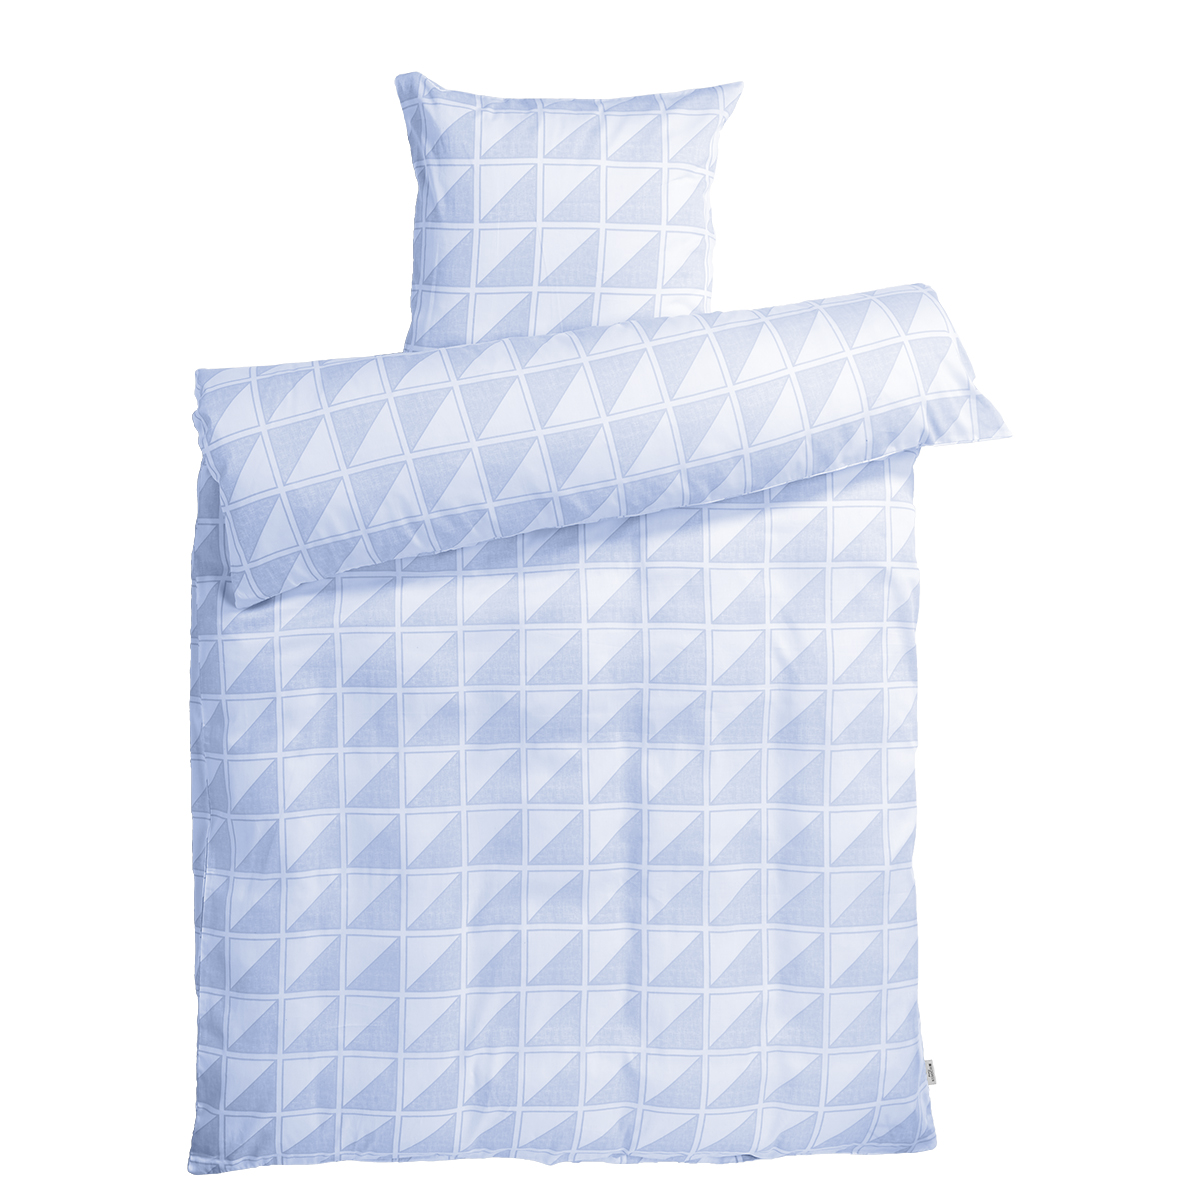 Billede af Redgreen sengetøj - Hvid og lyseblå